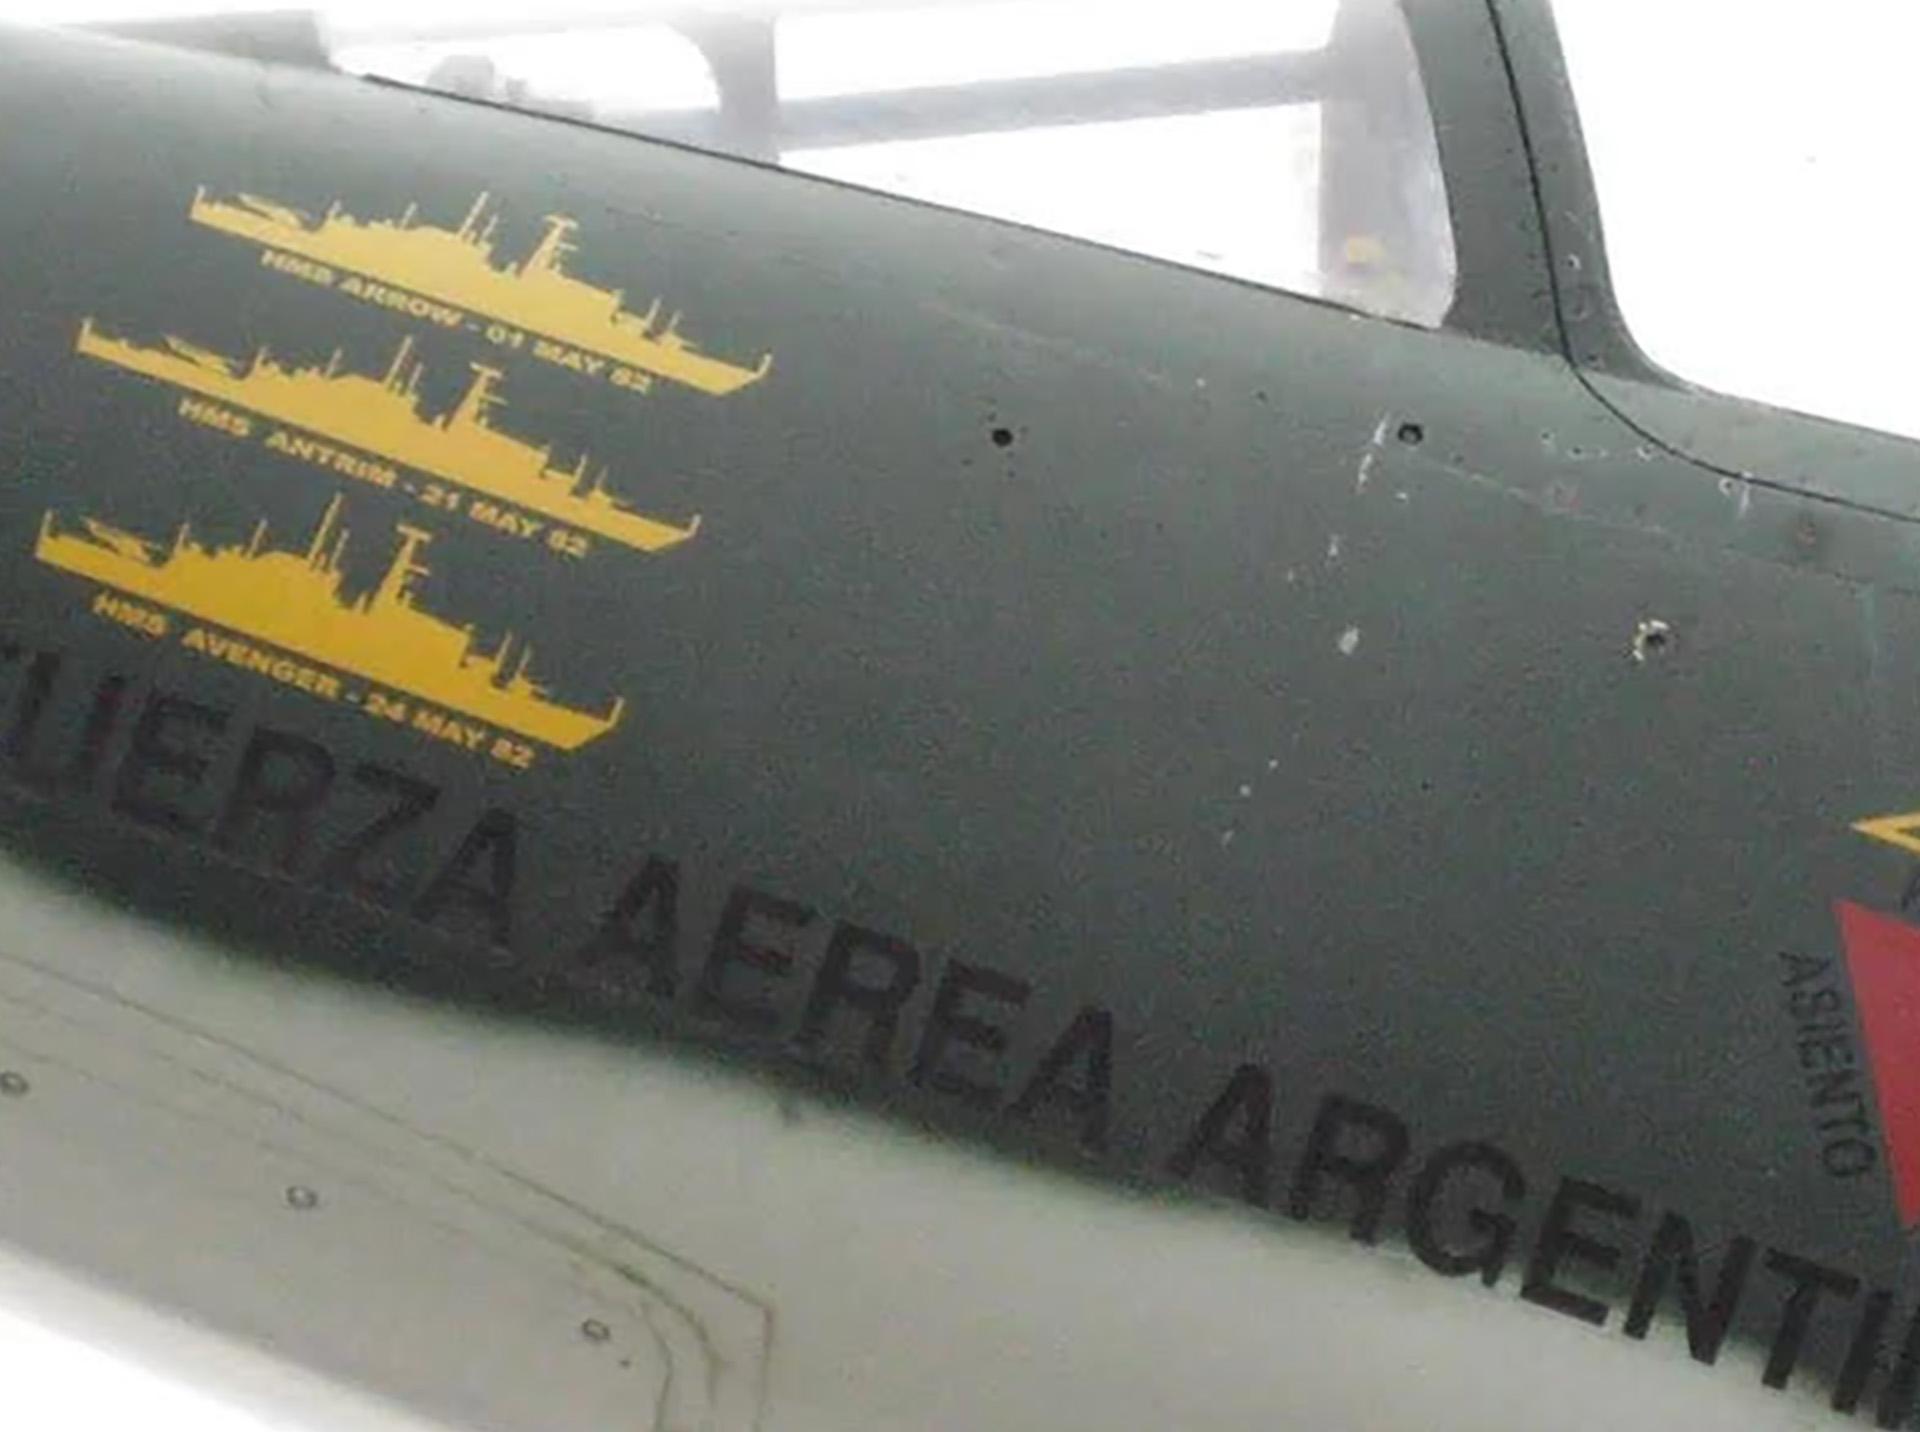 El Mirage con los buques hundidos pintados en el fuselaje